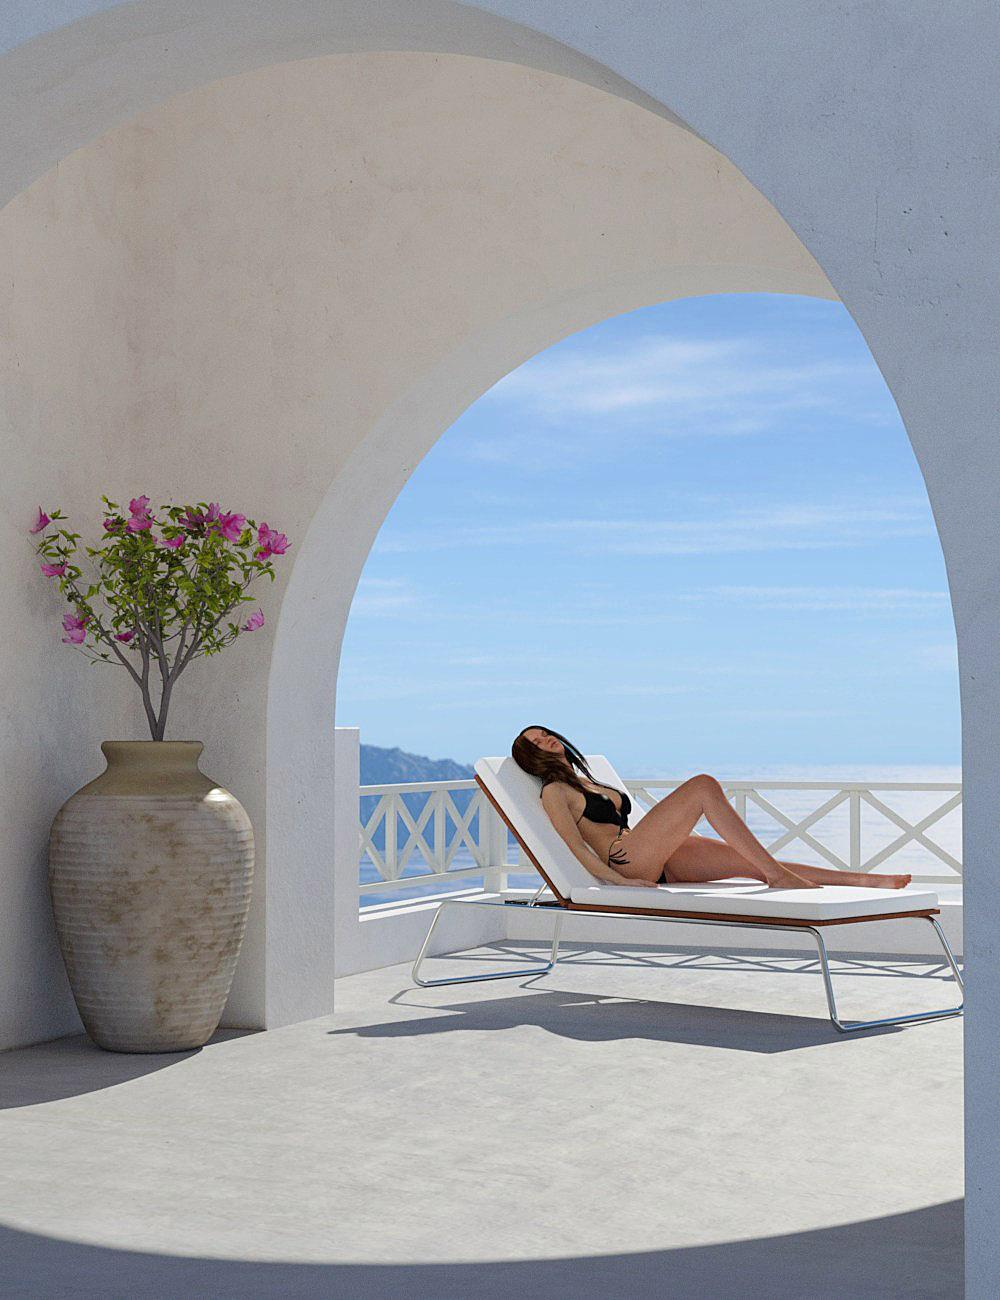 Greek Island Overlook by: bitwelder, 3D Models by Daz 3D